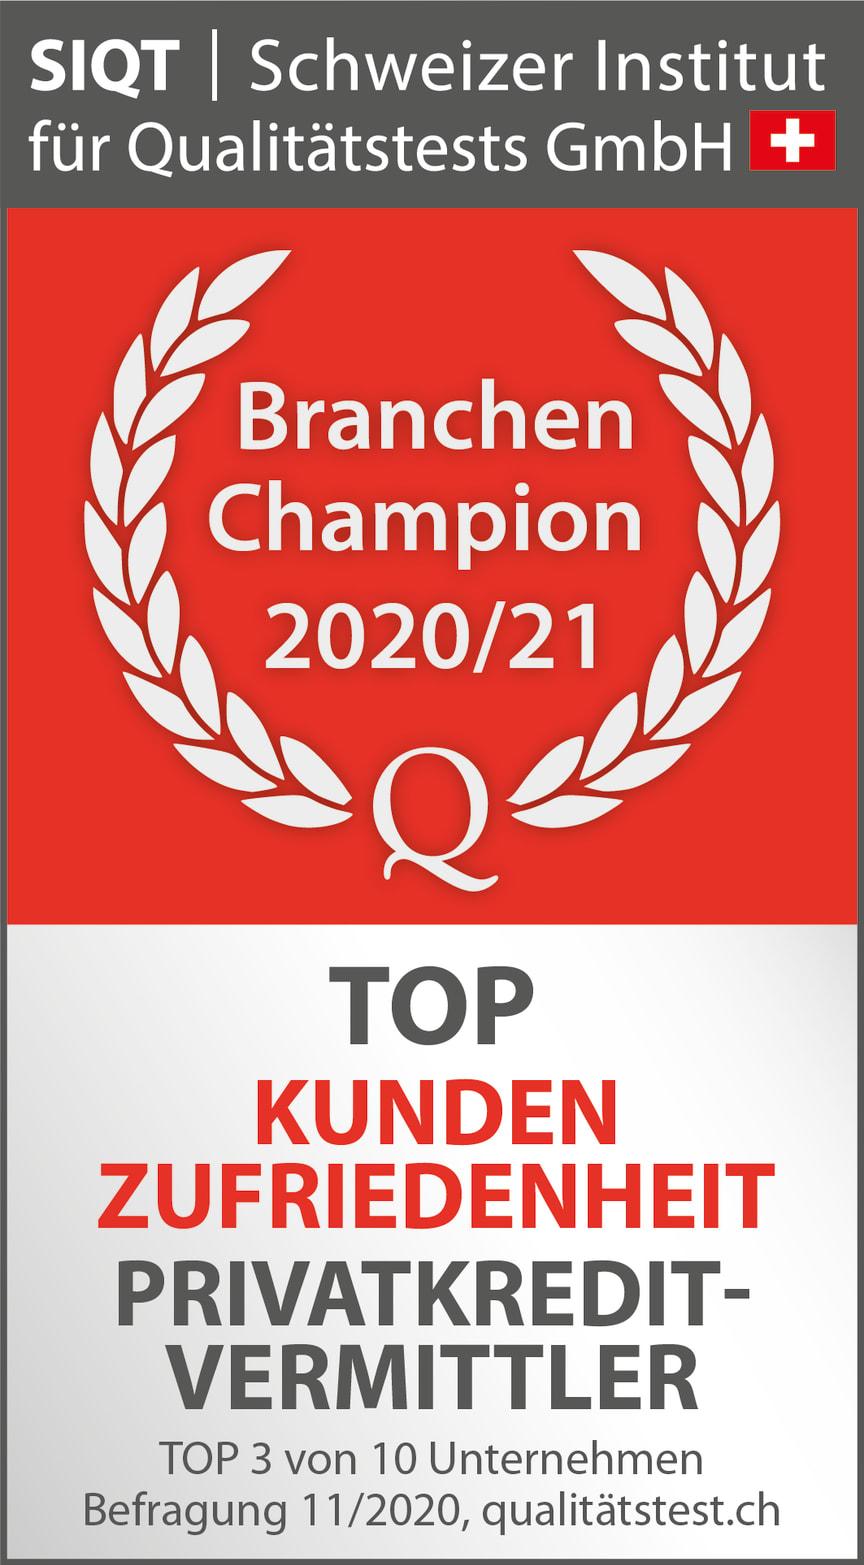 Siegel_BranchenChampion_TOP_Kundenzufriedenheit_FinanceScout24.jpg